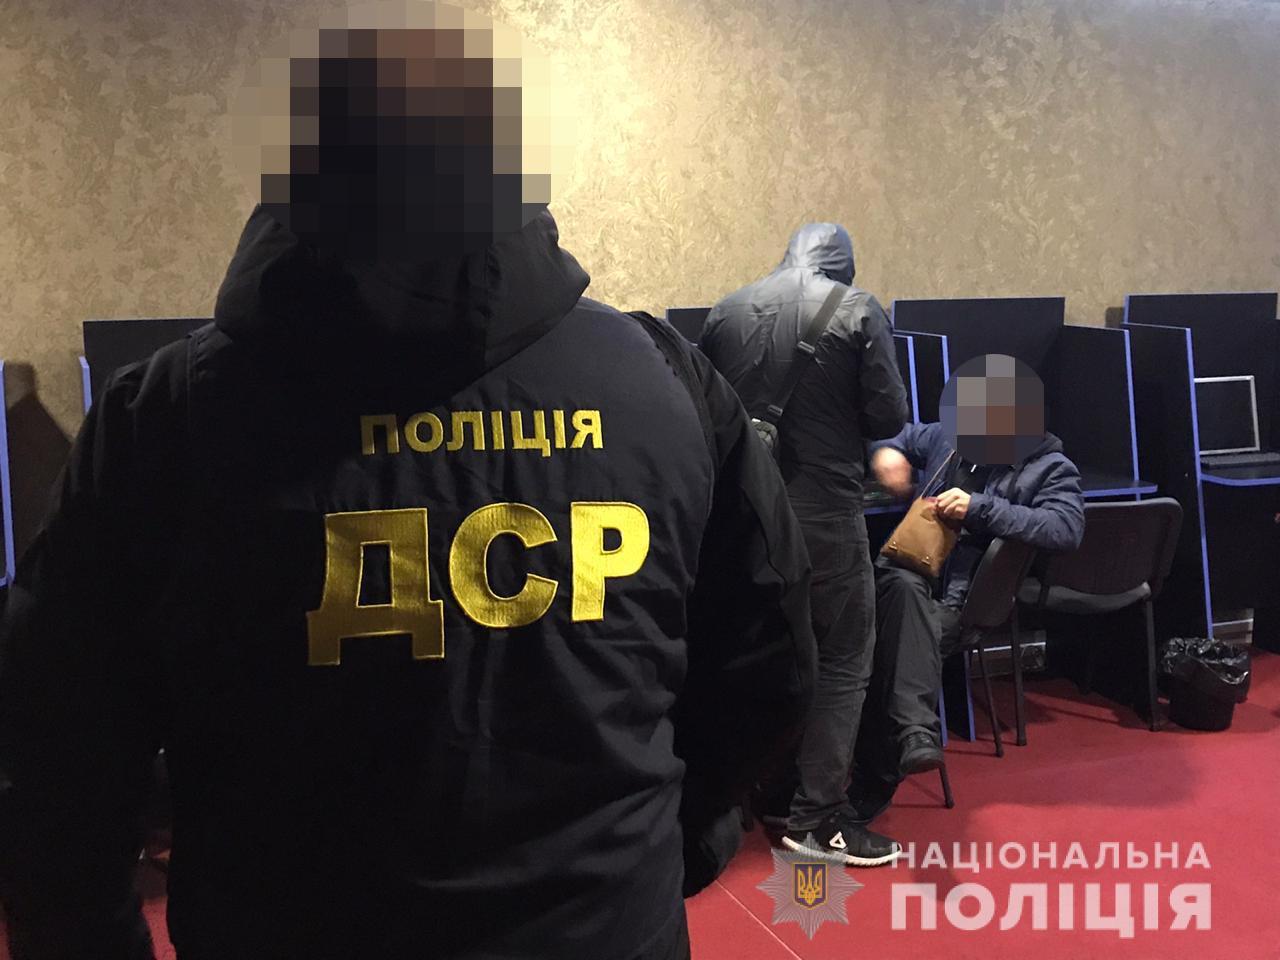 У Луцьку викрили незаконний гральний заклад